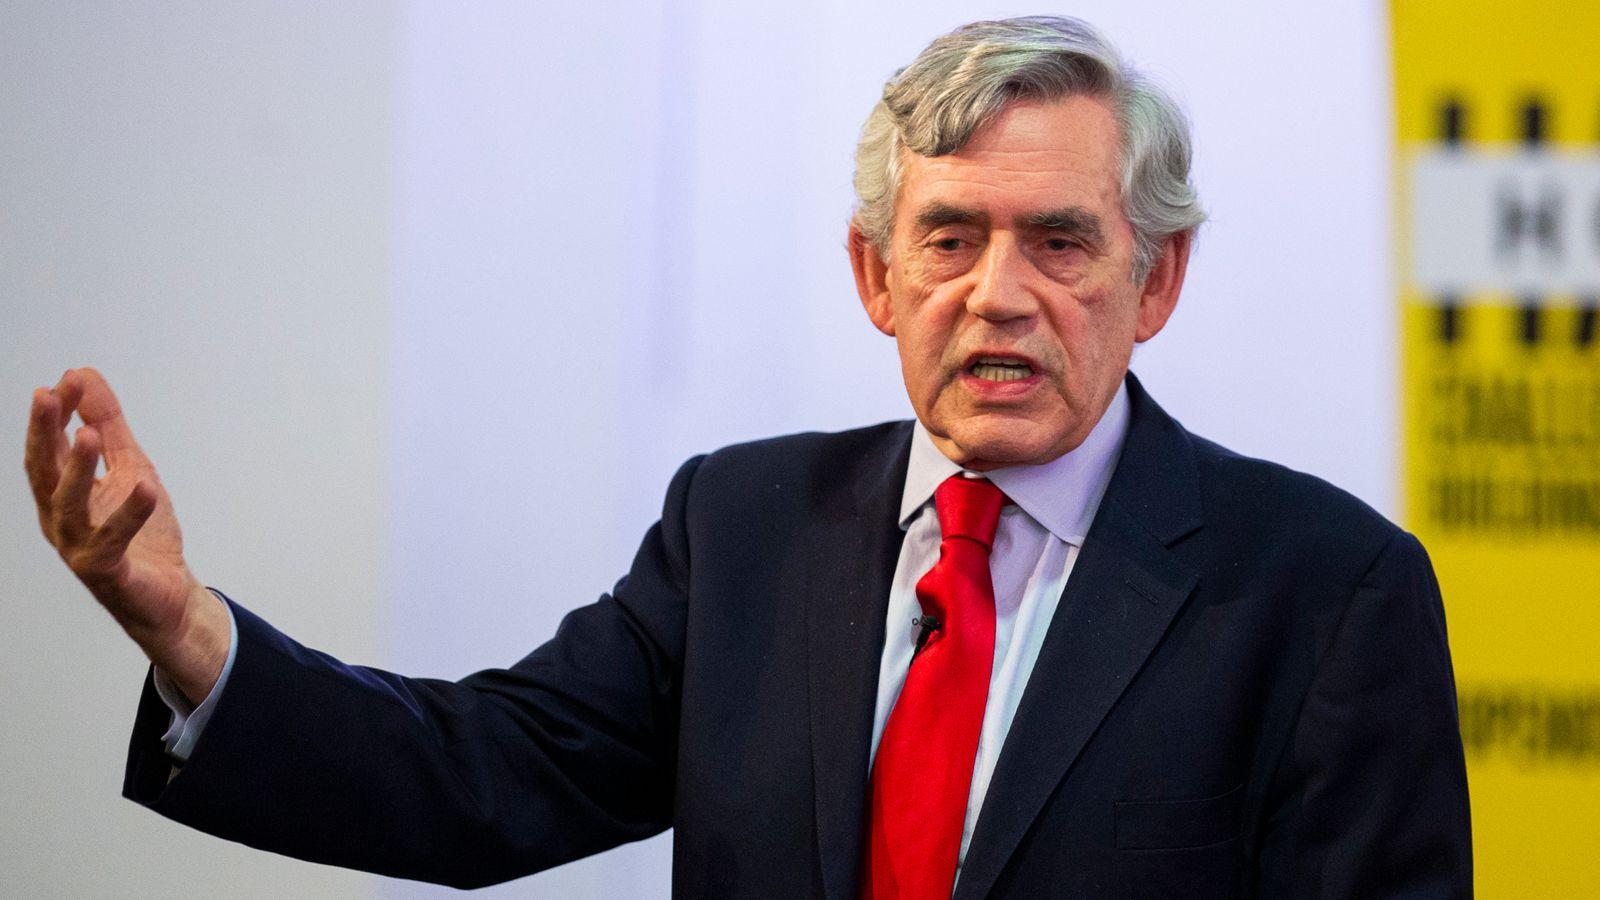 Former UK Prime Minister Brown appointed WHO ambassador